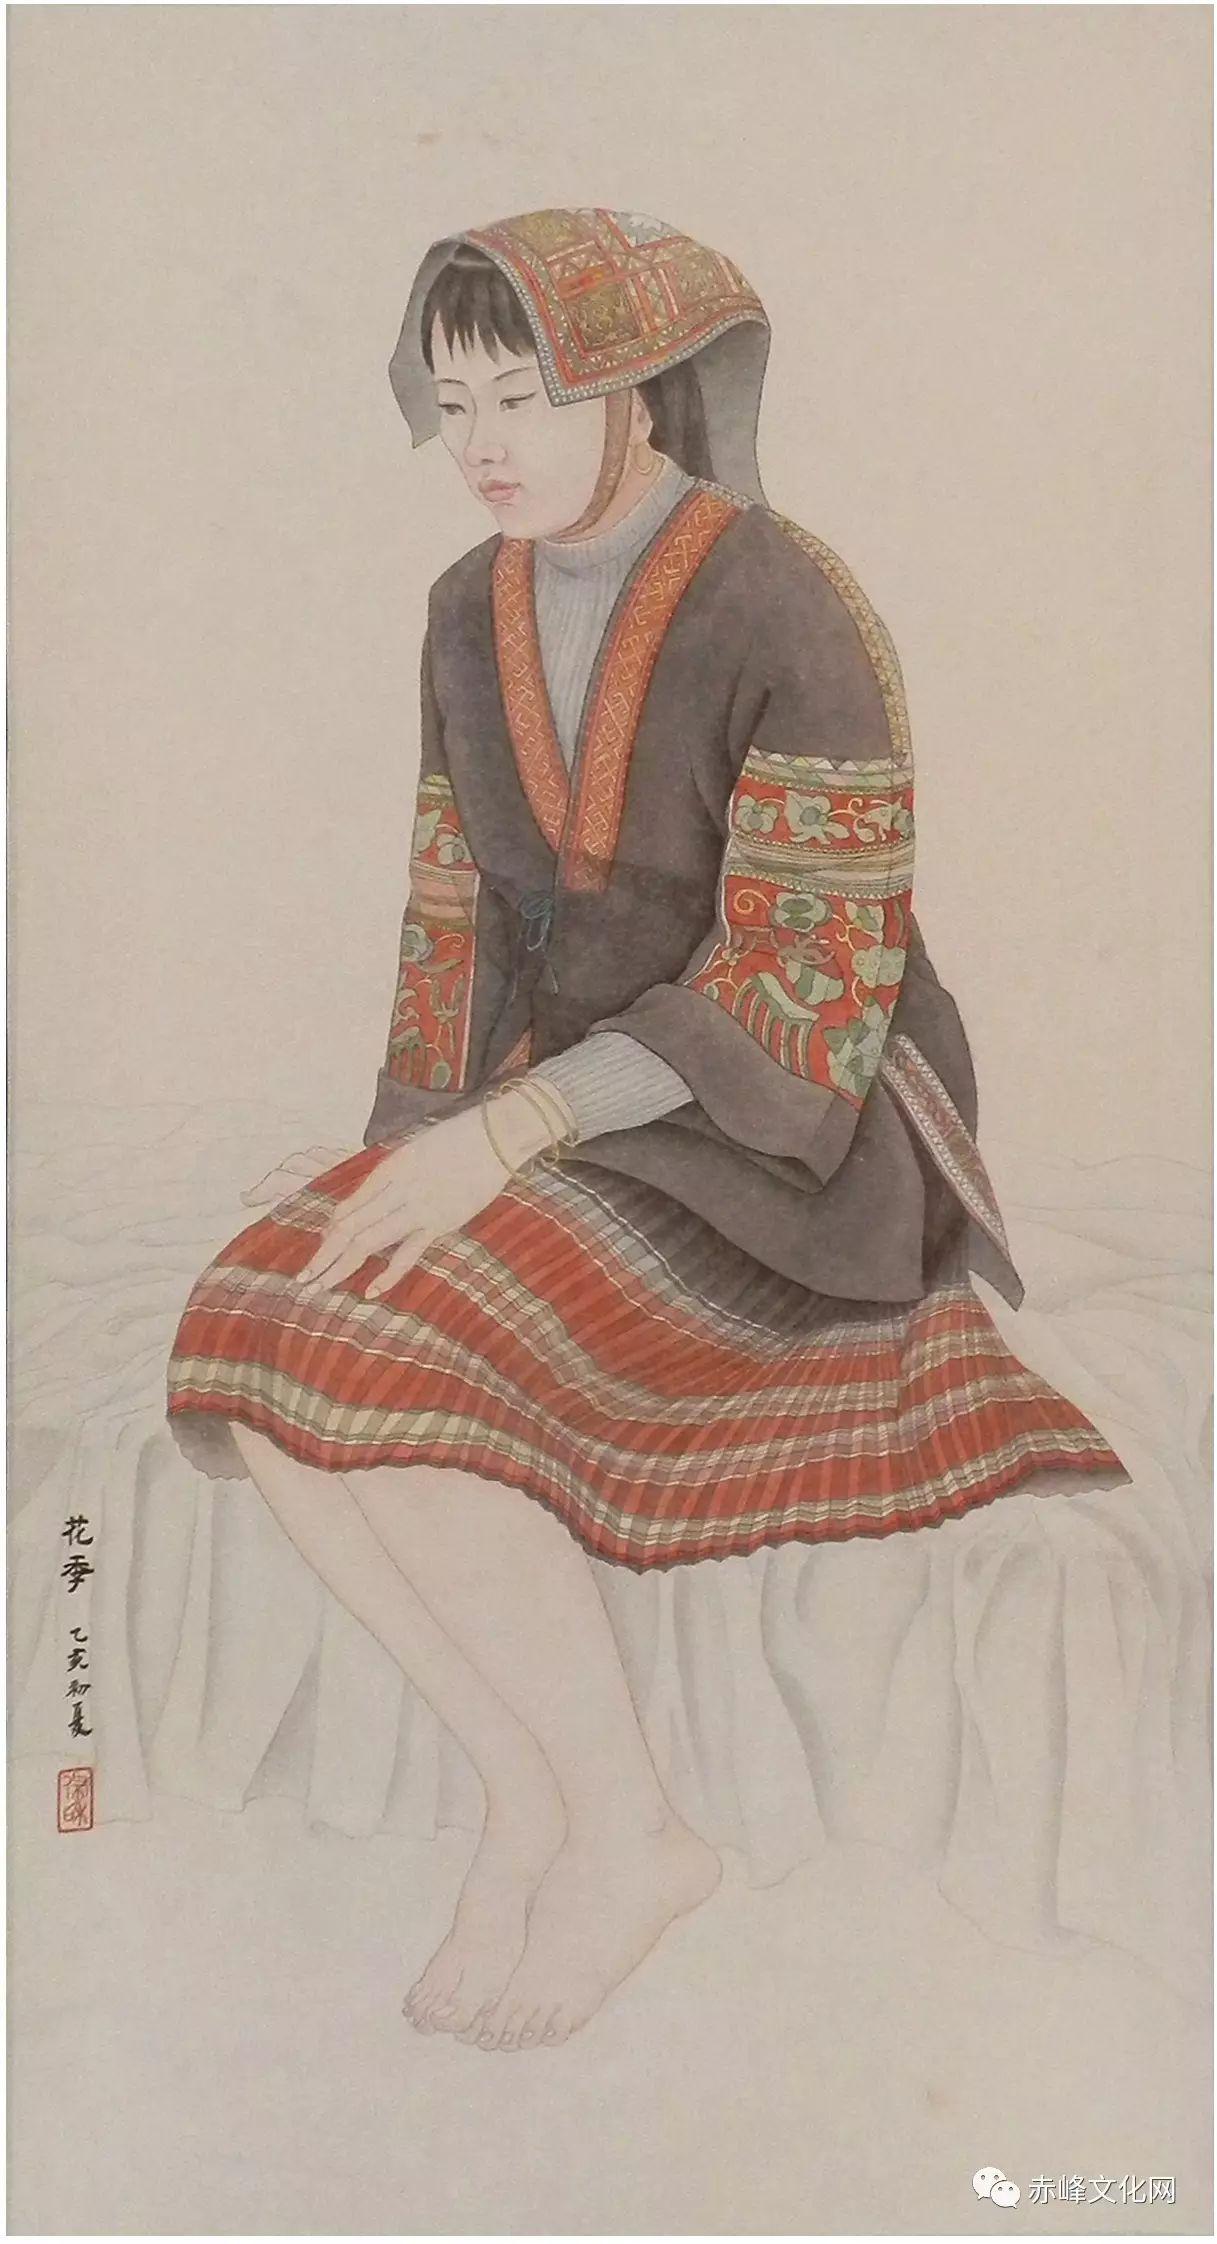 【文化赤峰】水墨丹青、栩栩如生——布和巴特尔国画展! 第5张